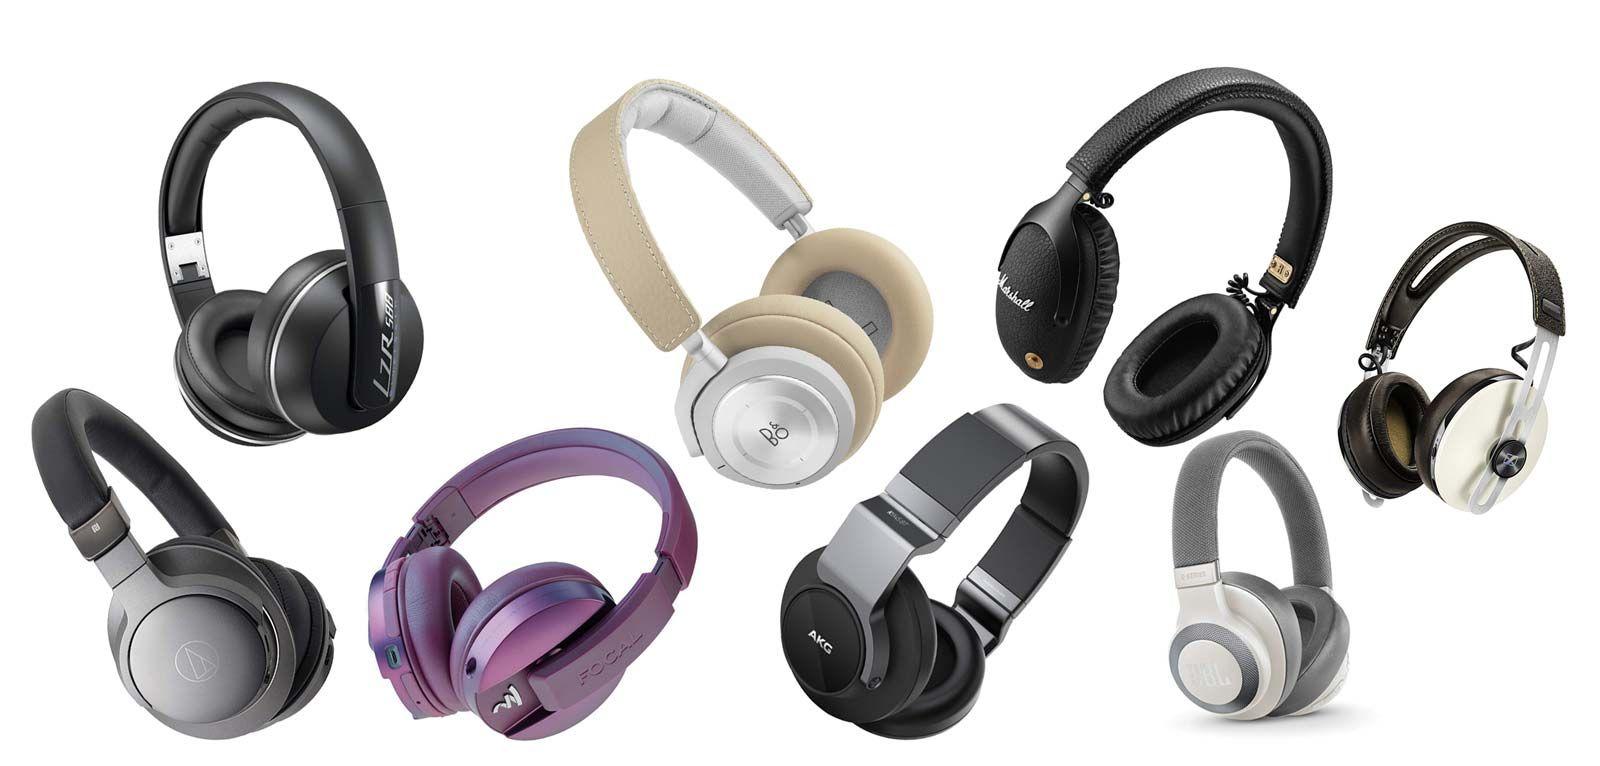 Bestenliste Top 10 BluetoothKopfhörer bis 300 Euro (Over